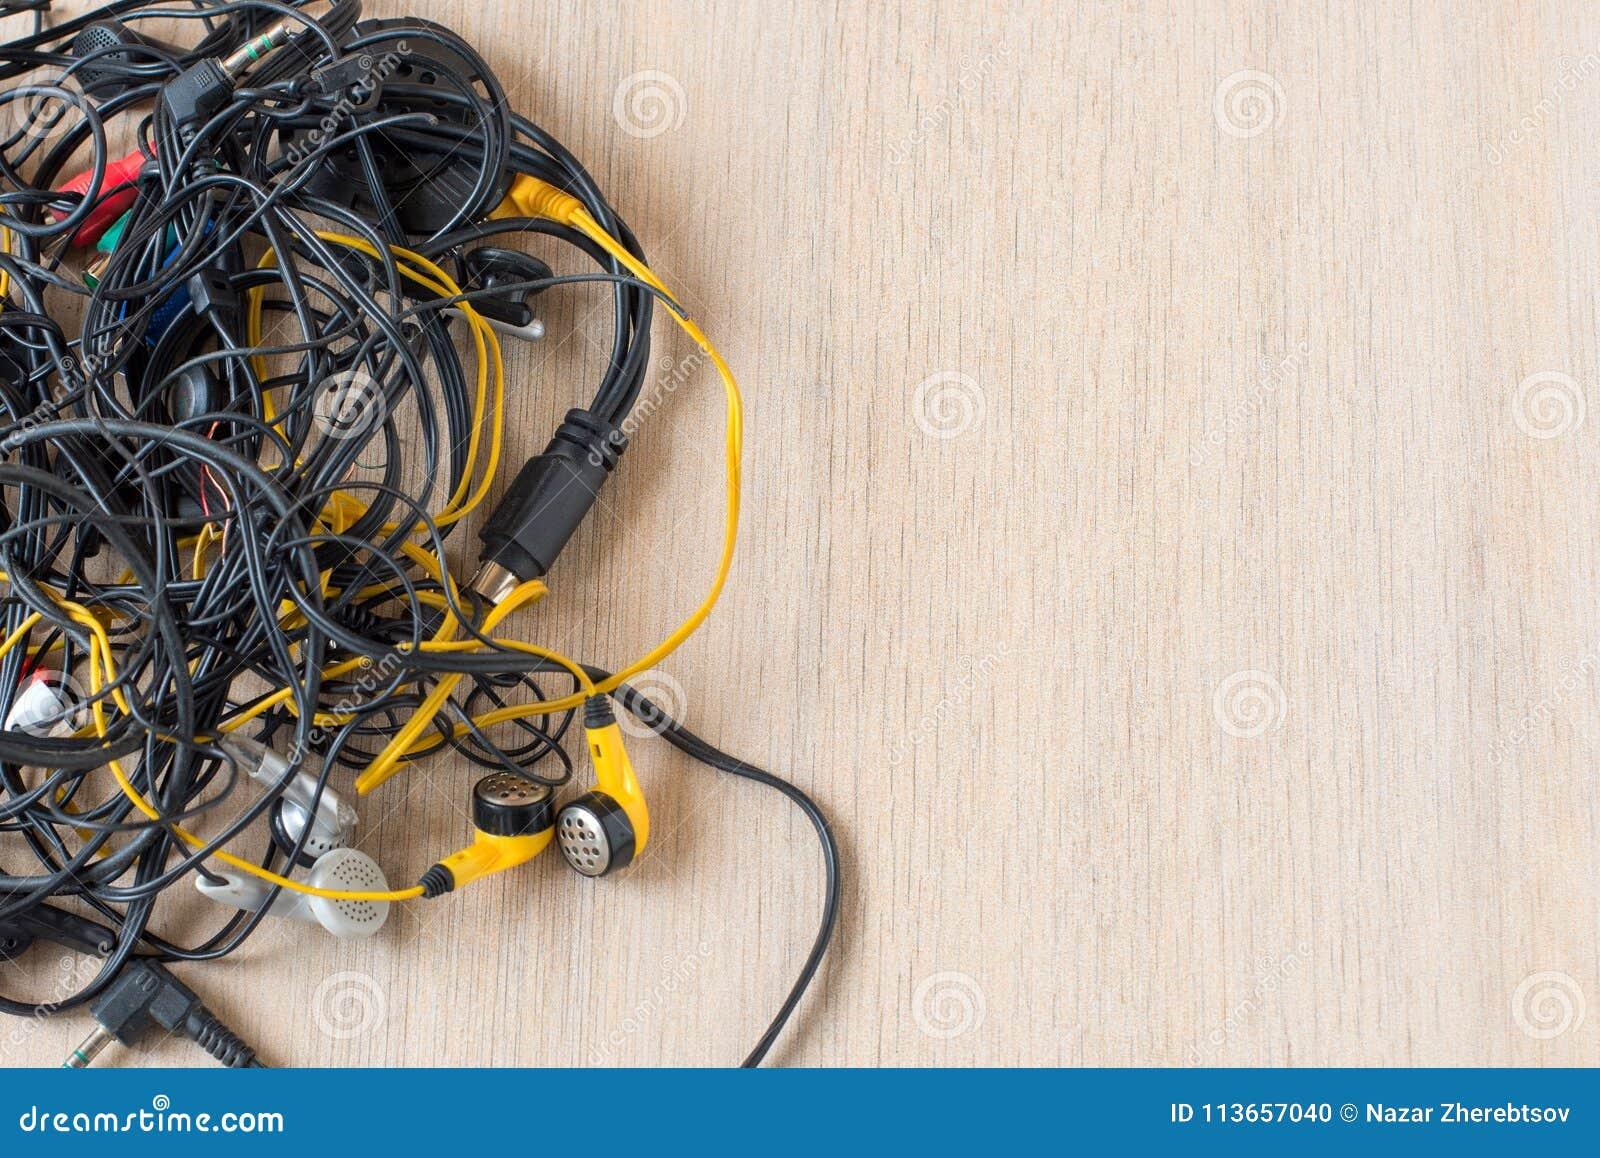 Masse von Tangled herauf Drähte, Verbindungen und alte Kabel